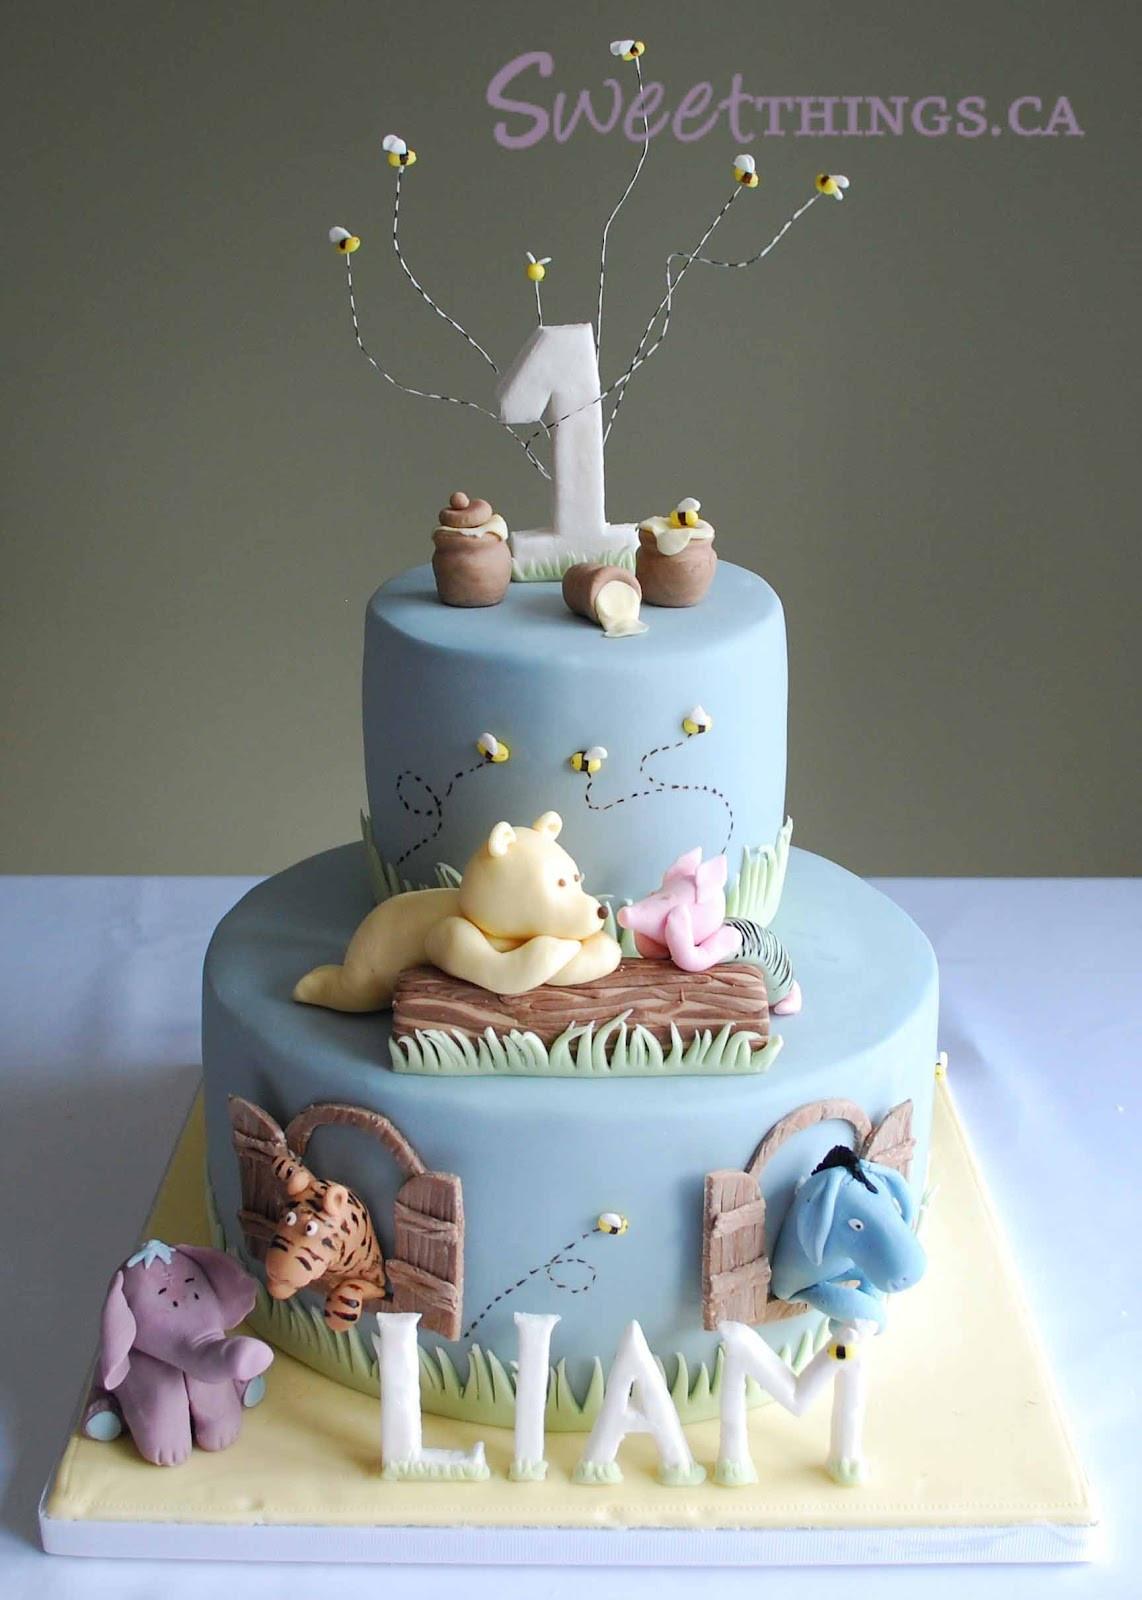 1St Birthday Cake  SweetThings 1st Birthday Classic Winnie the Pooh Cake